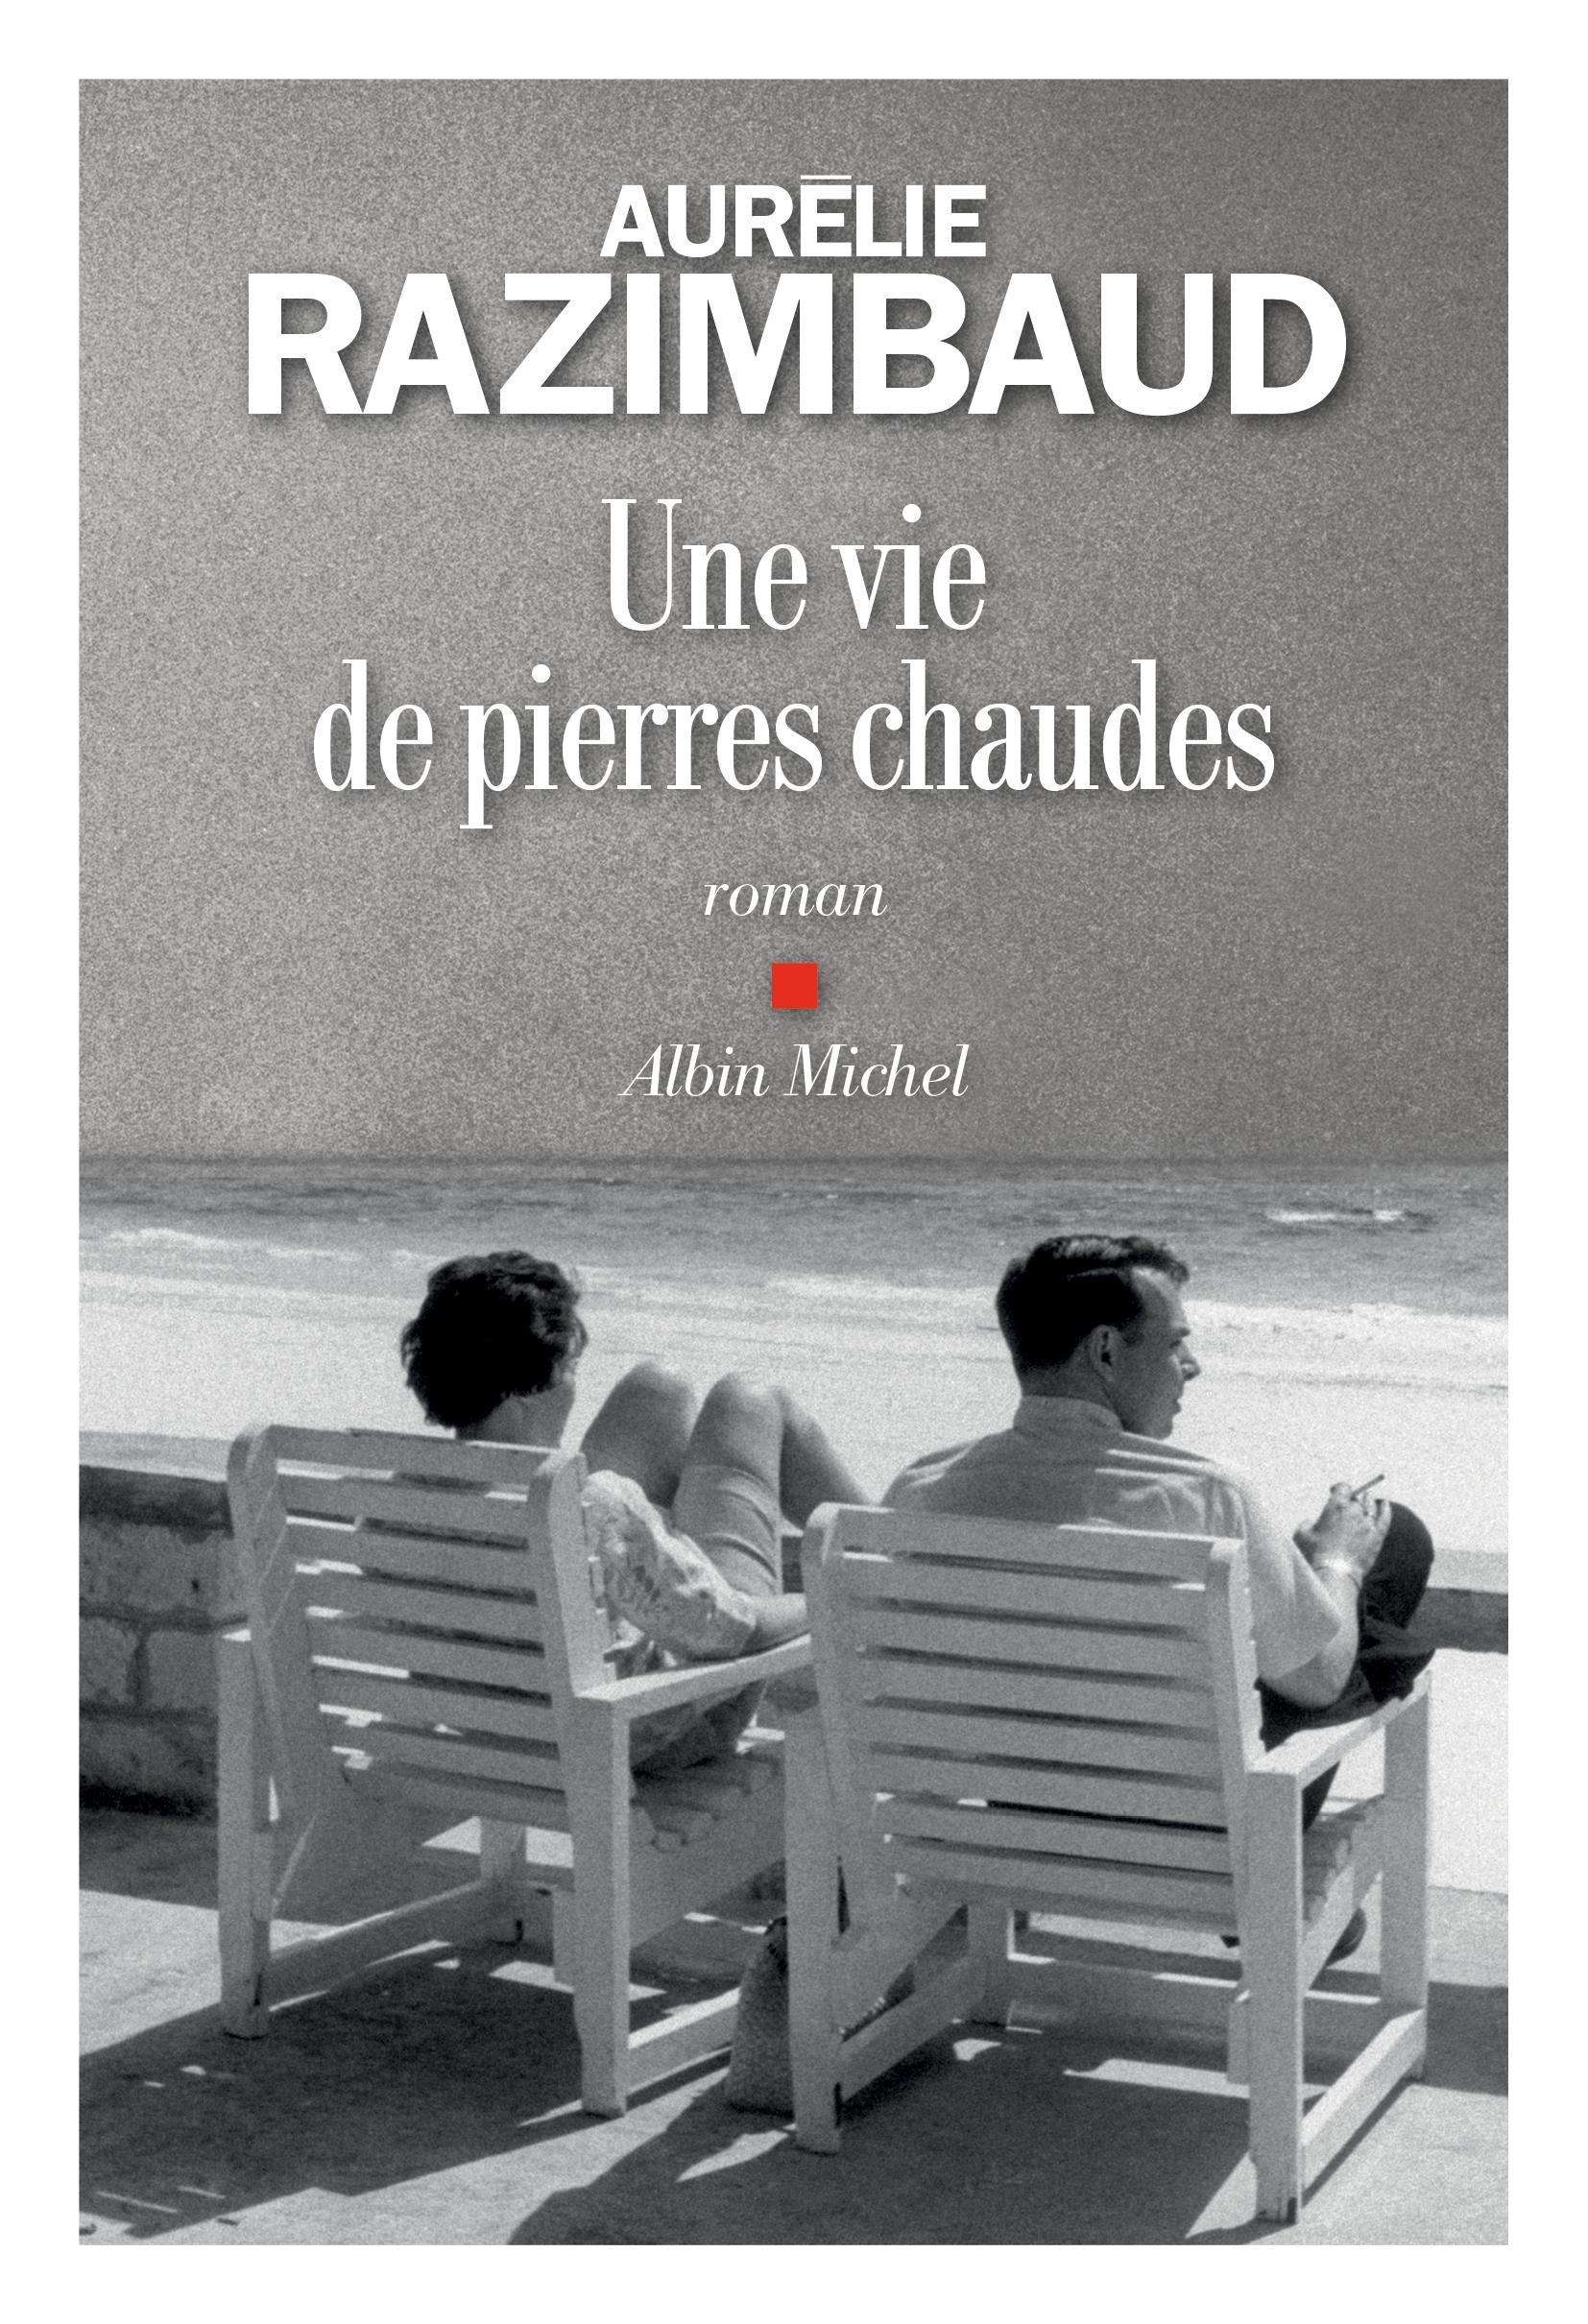 """Embarquer pour Alger avec """"Une vie de pierres chaudes"""" d'Aurélie Razimbaud"""